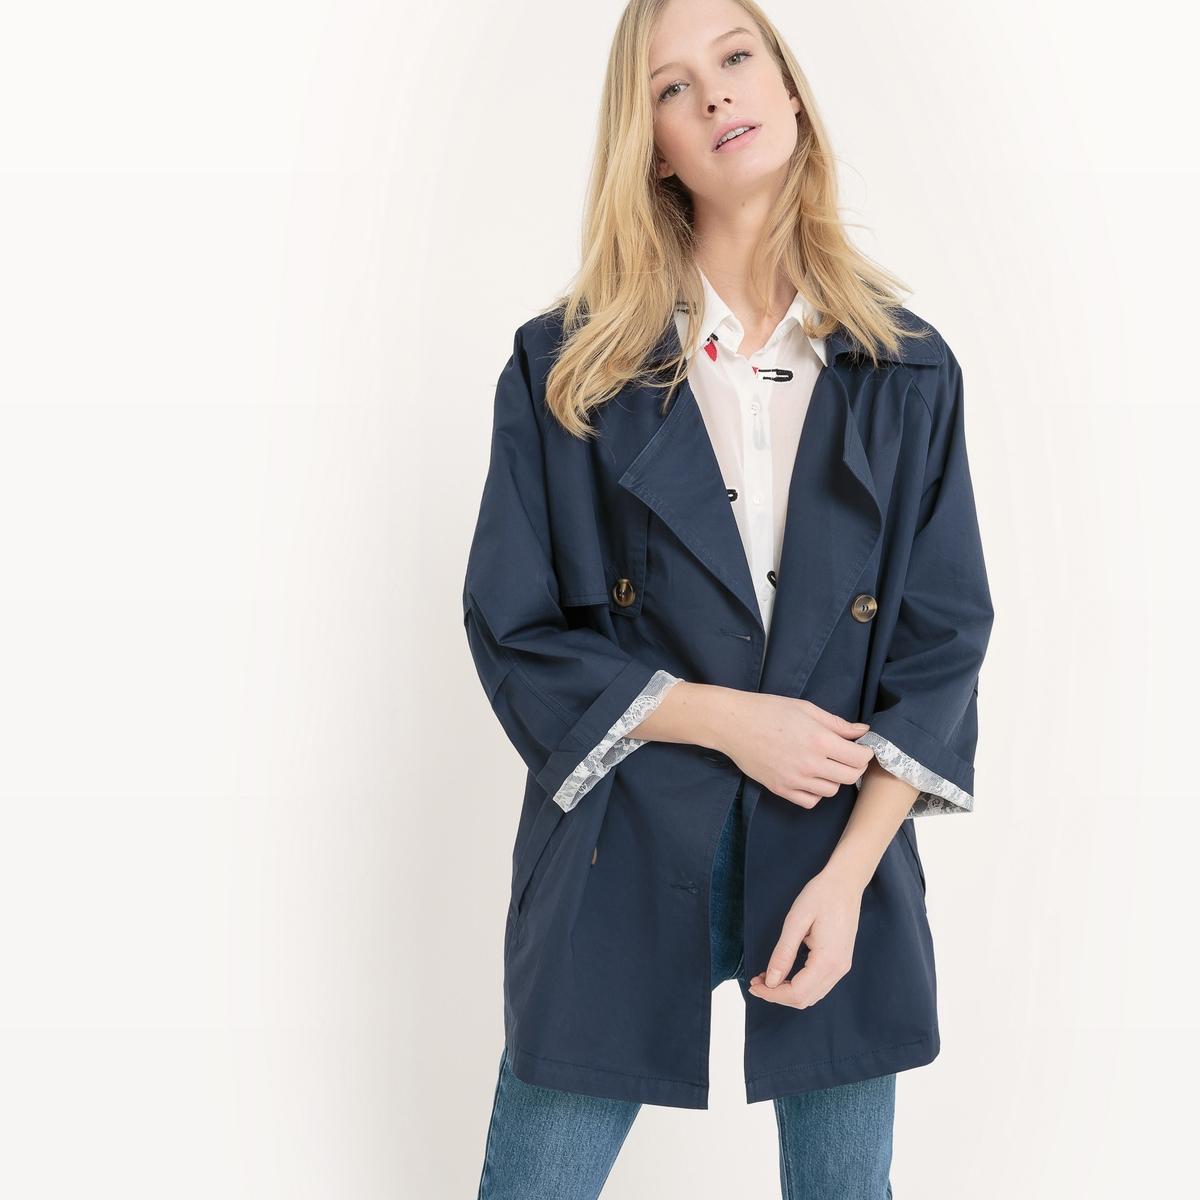 Тренчкот средней длины Ladies Women Coat